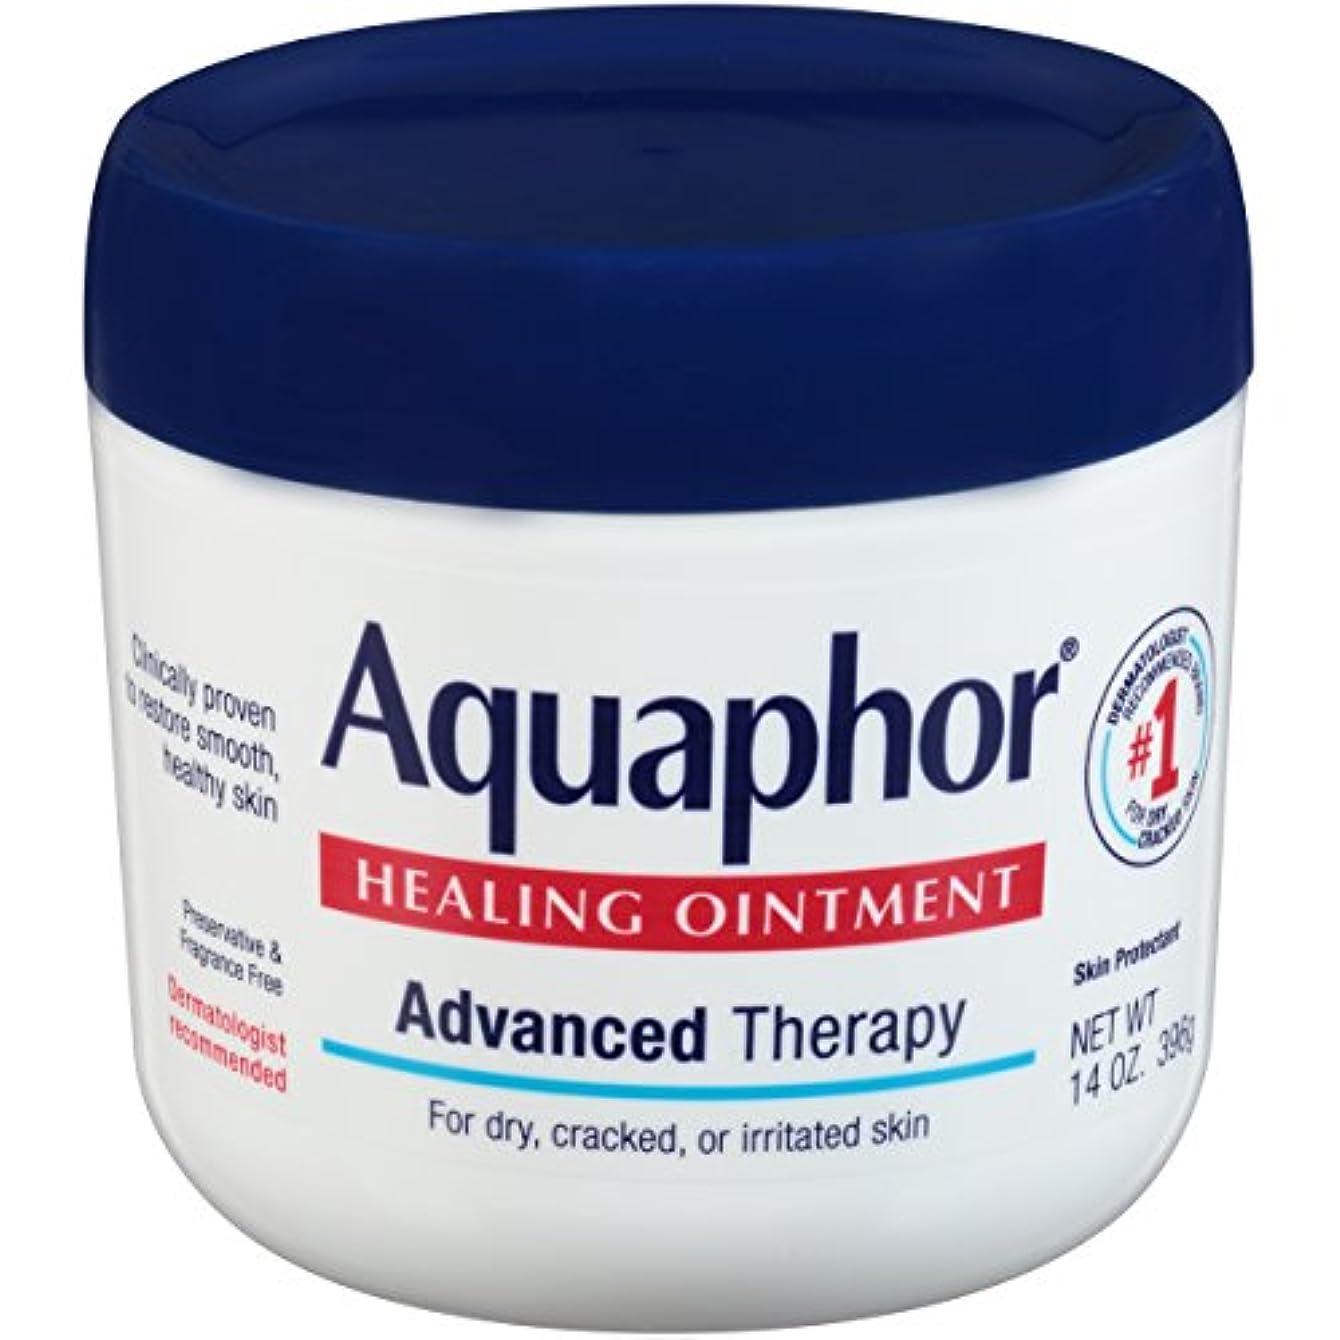 等ビール官僚海外直送品Aquaphor Advanced Therapy Healing Ointment, 14 oz by Aquaphor